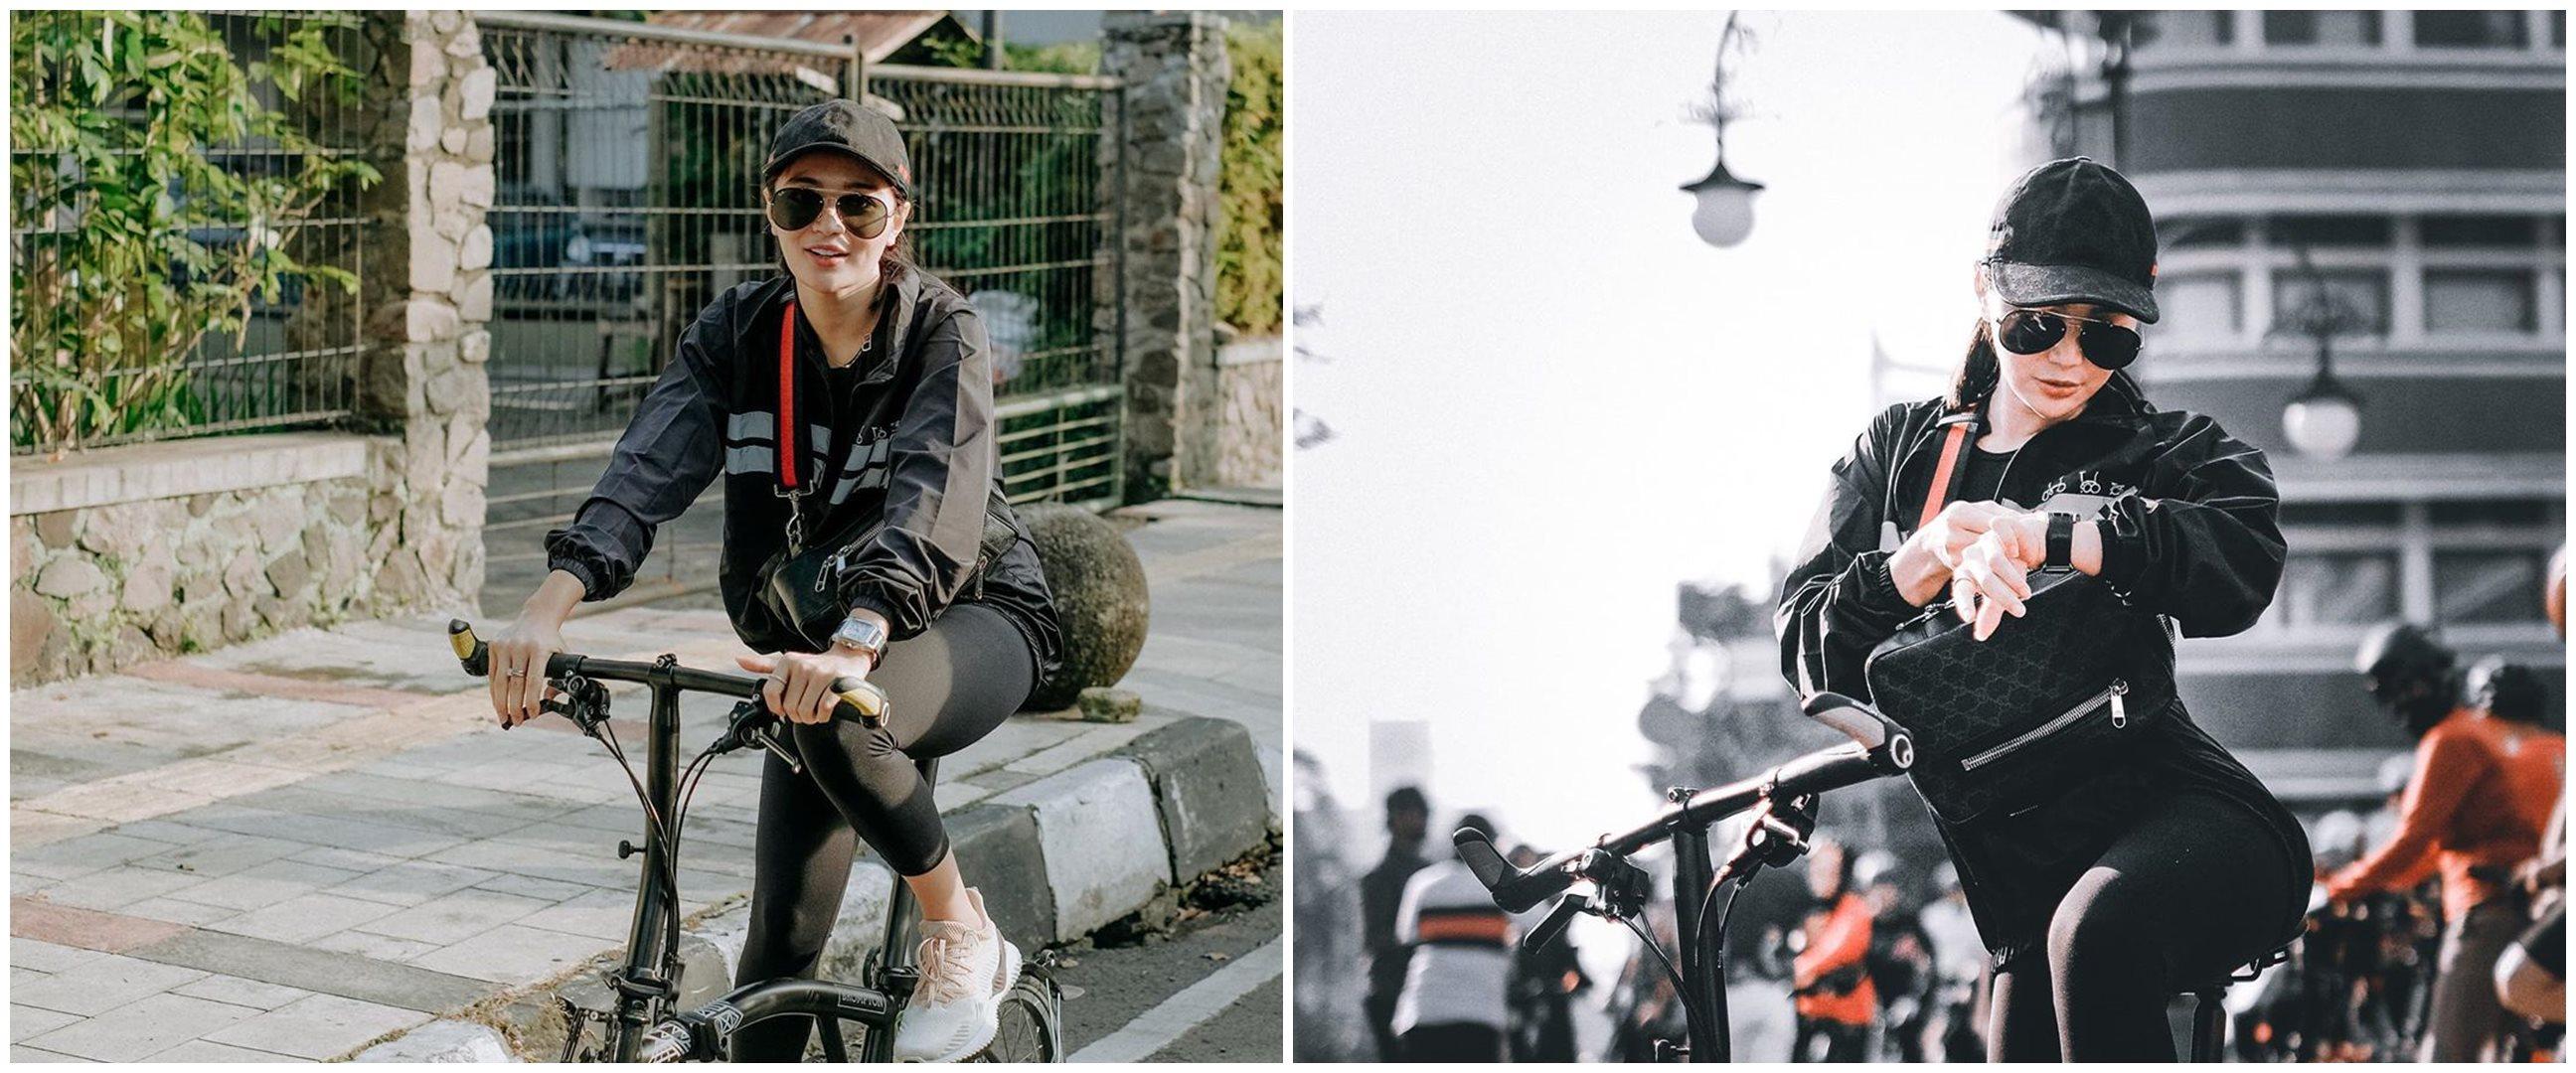 Potret 7 penyanyi dangdut saat bersepeda, gayanya curi perhatian